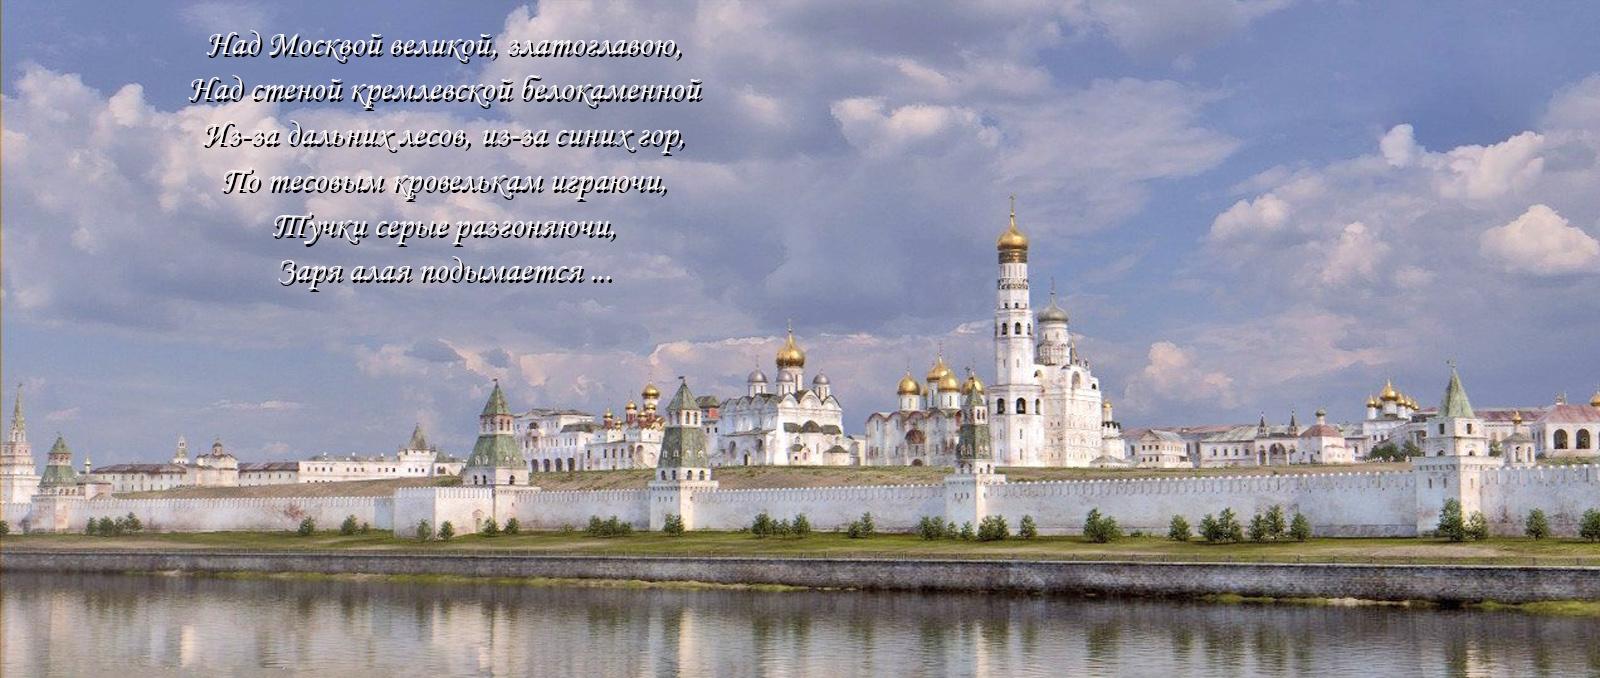 Кремль-5.jpg